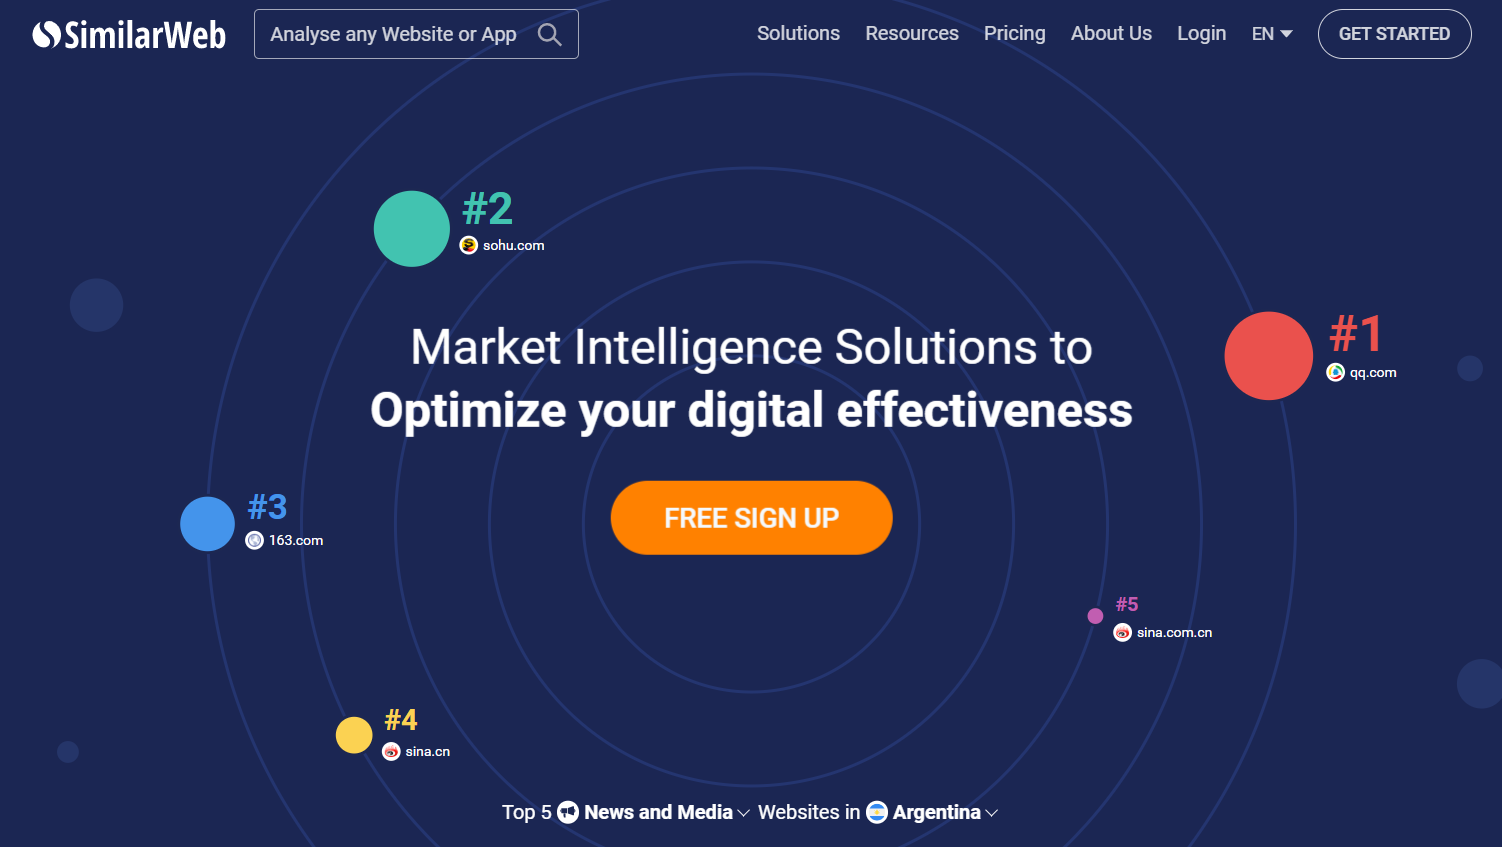 similarweb网站分析